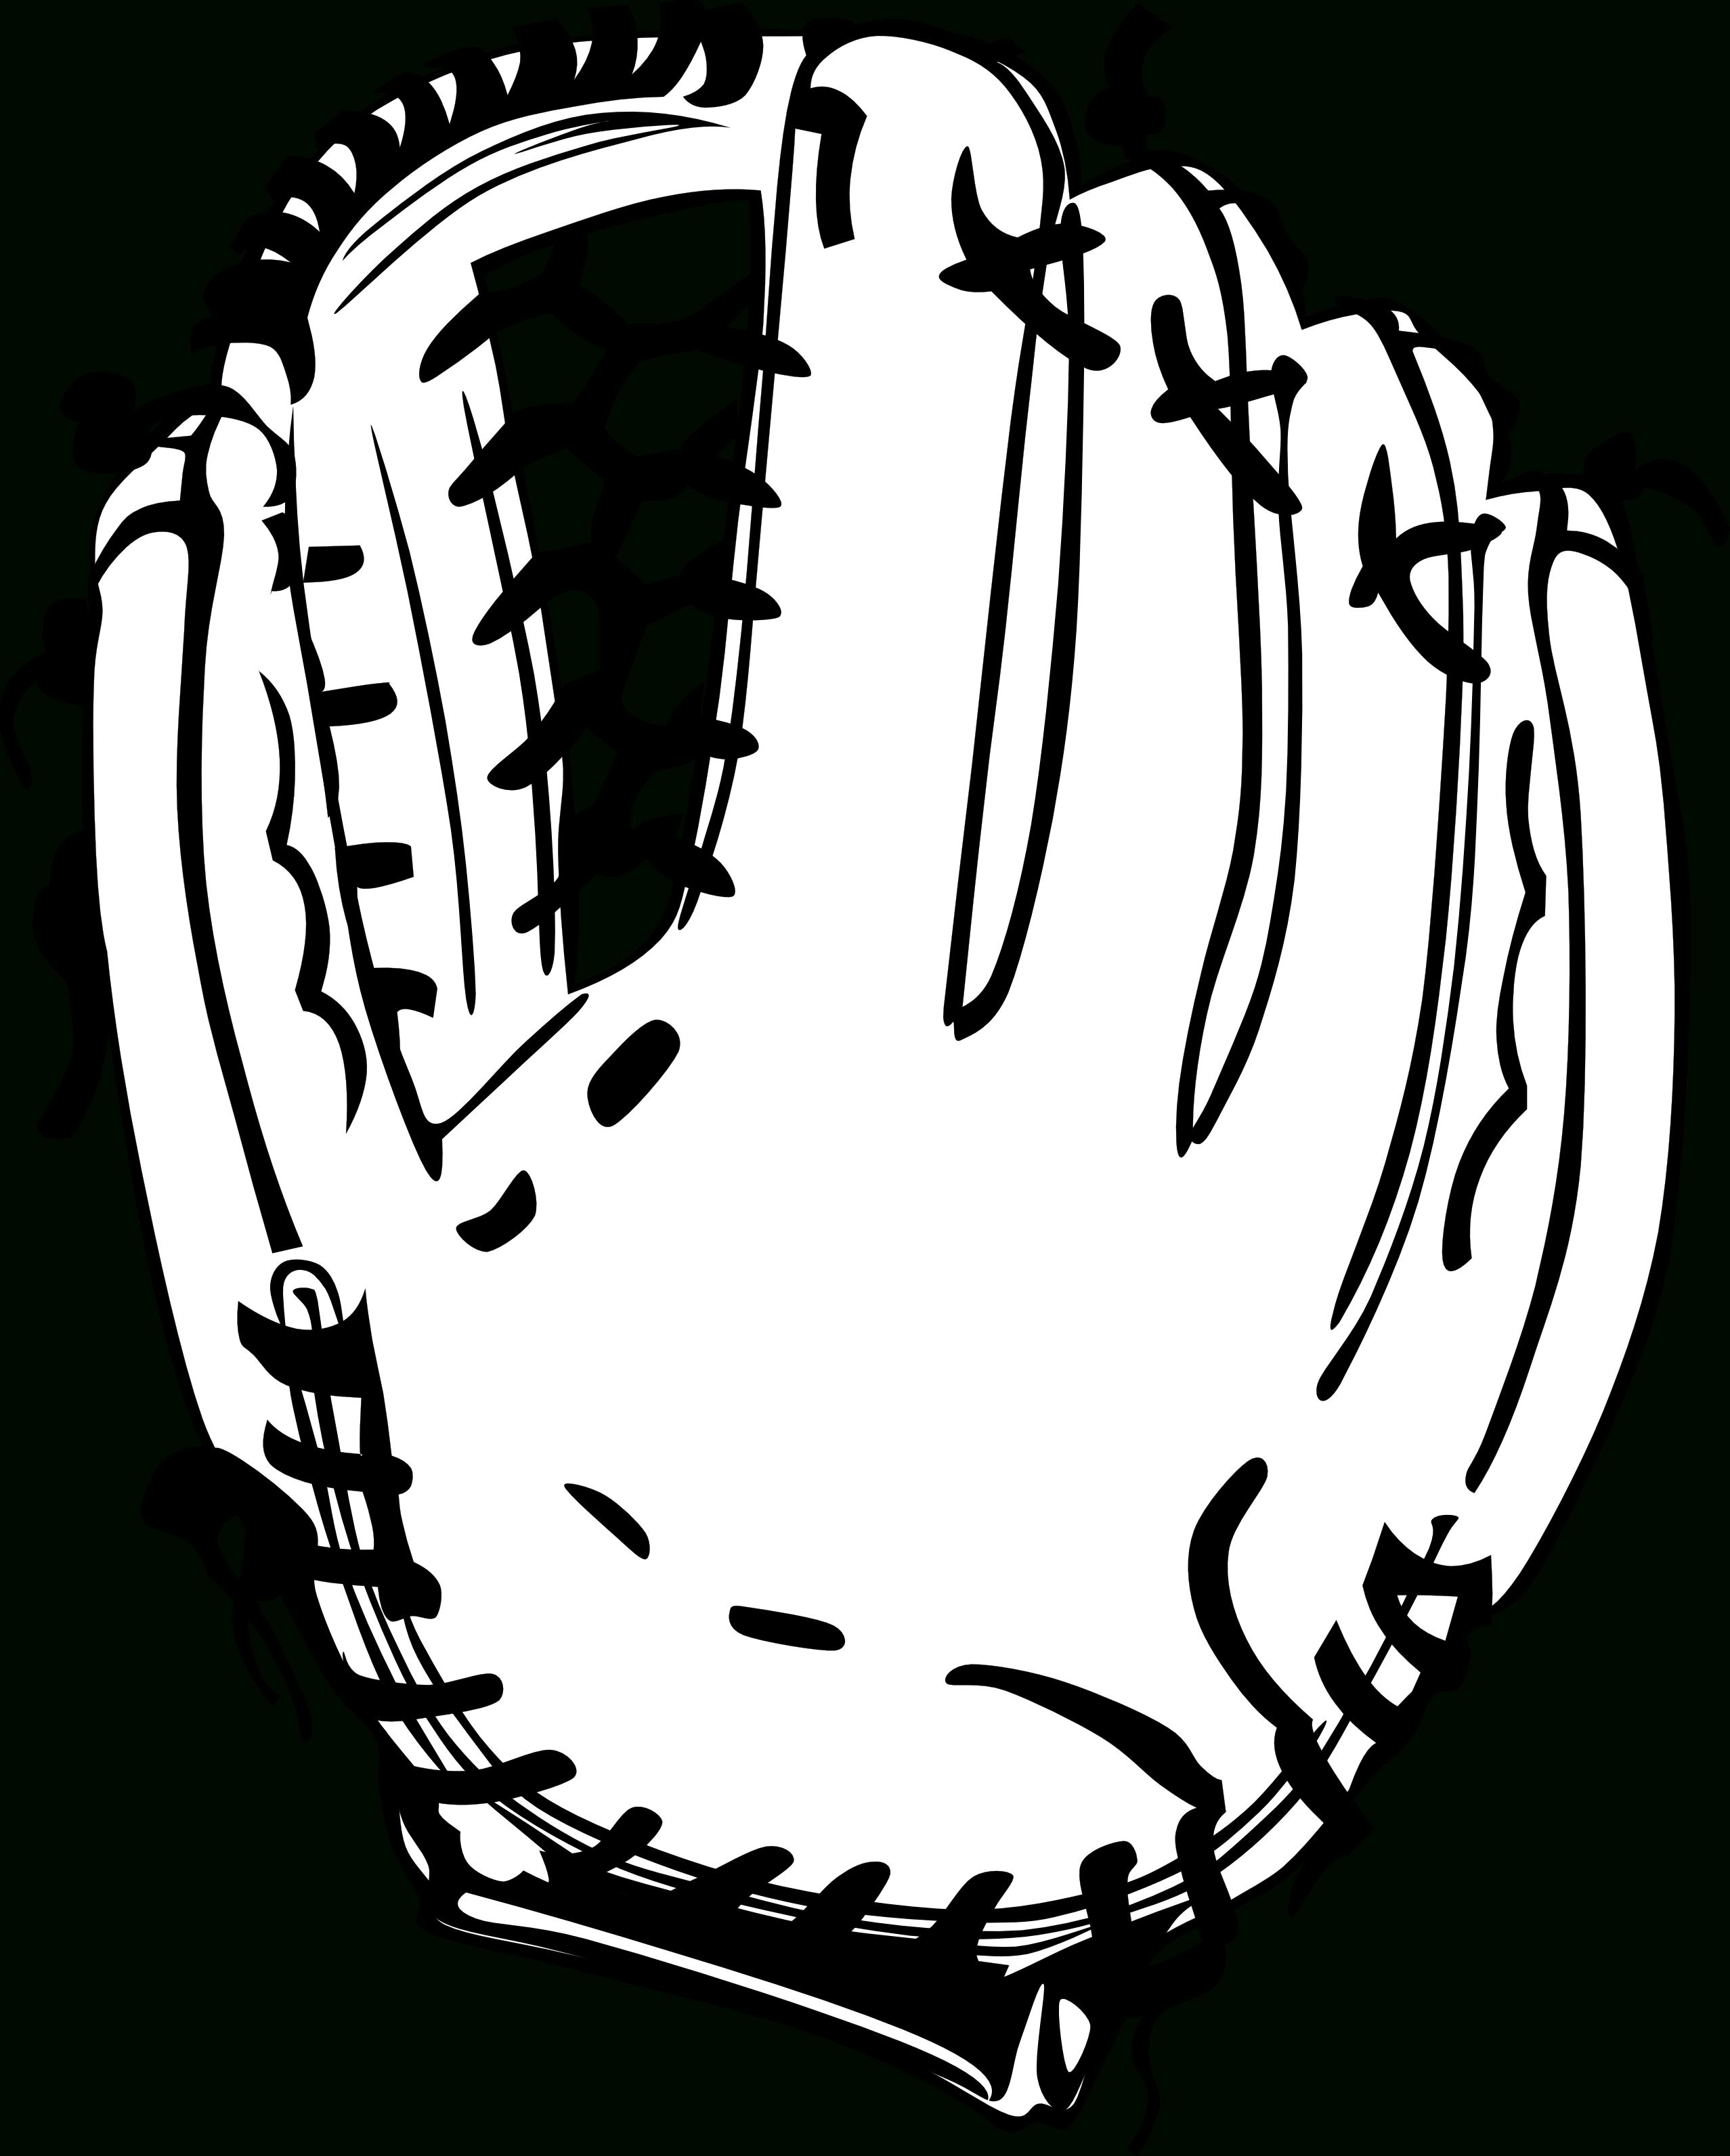 Baseball scene clipart image black and white library Baseball Glove Clipart Black And White   Letters Format image black and white library